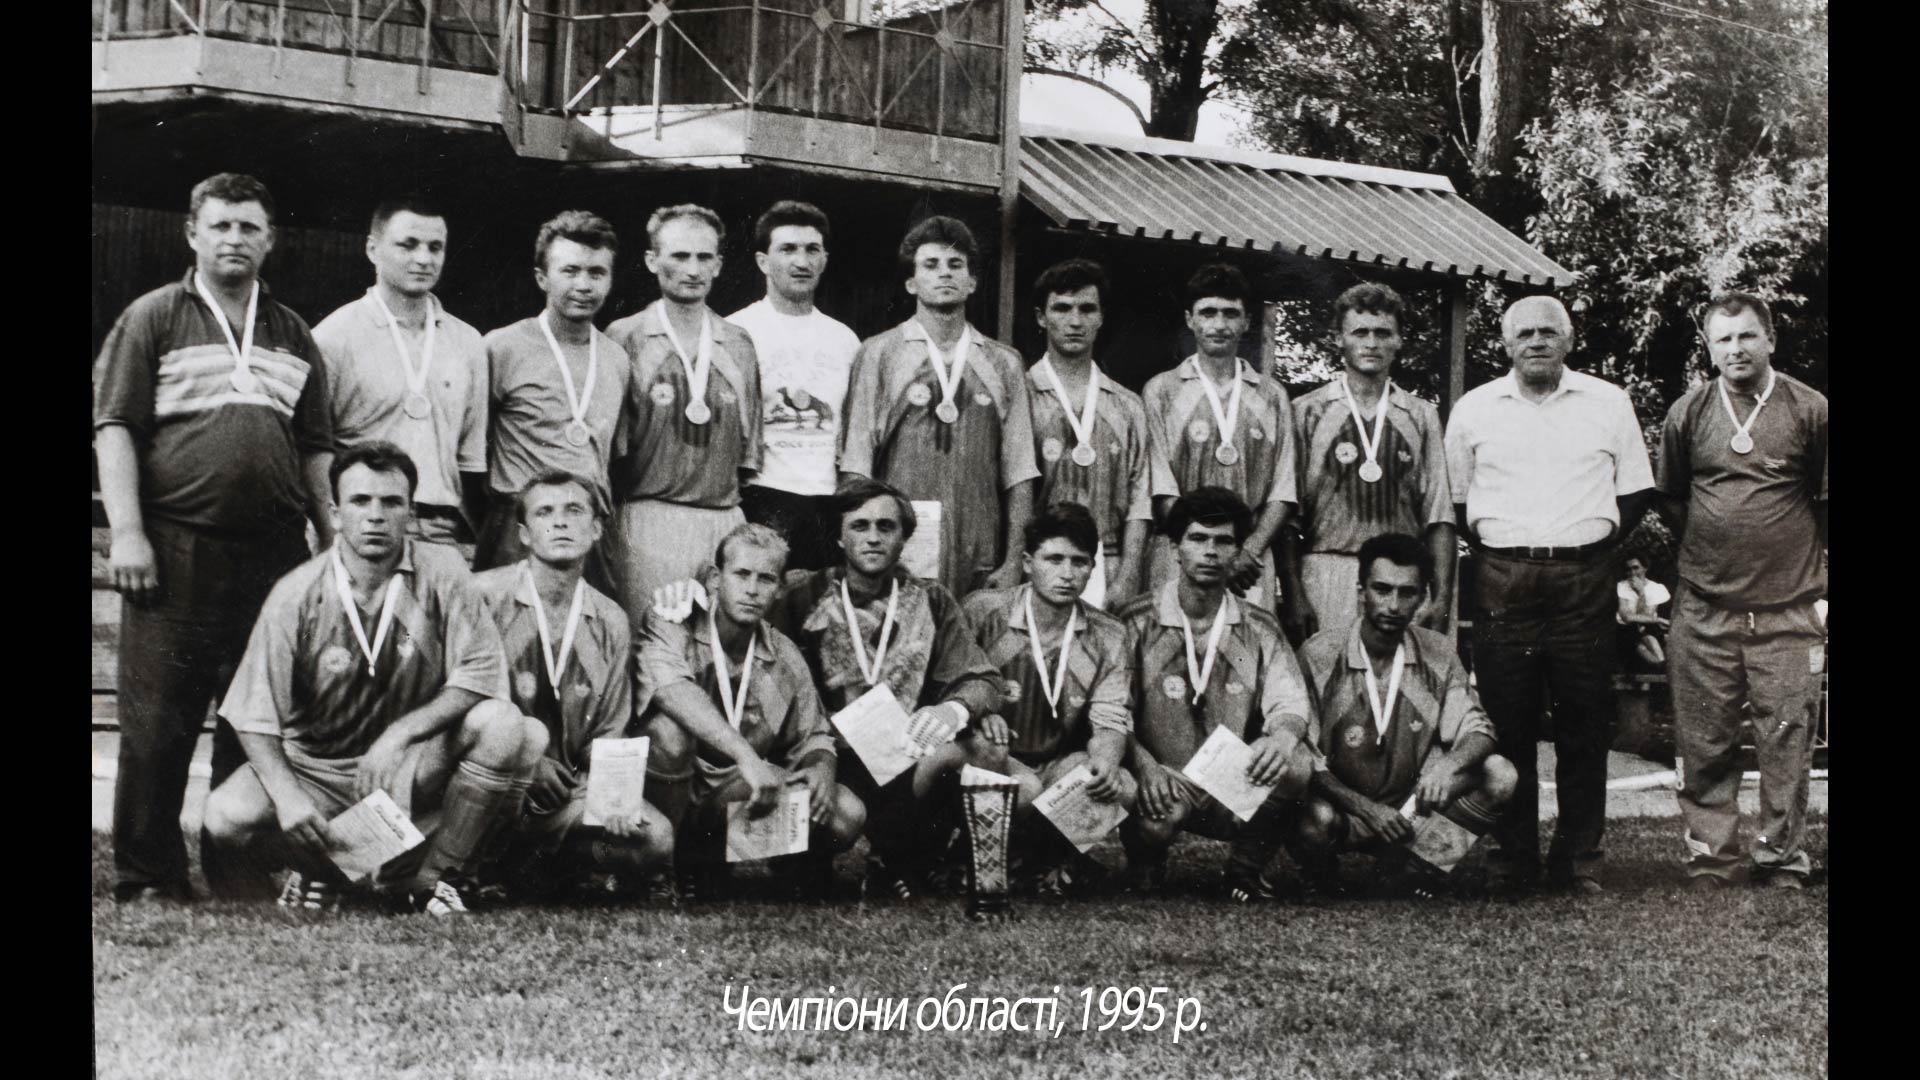 Чемпіони області, 1995 р.